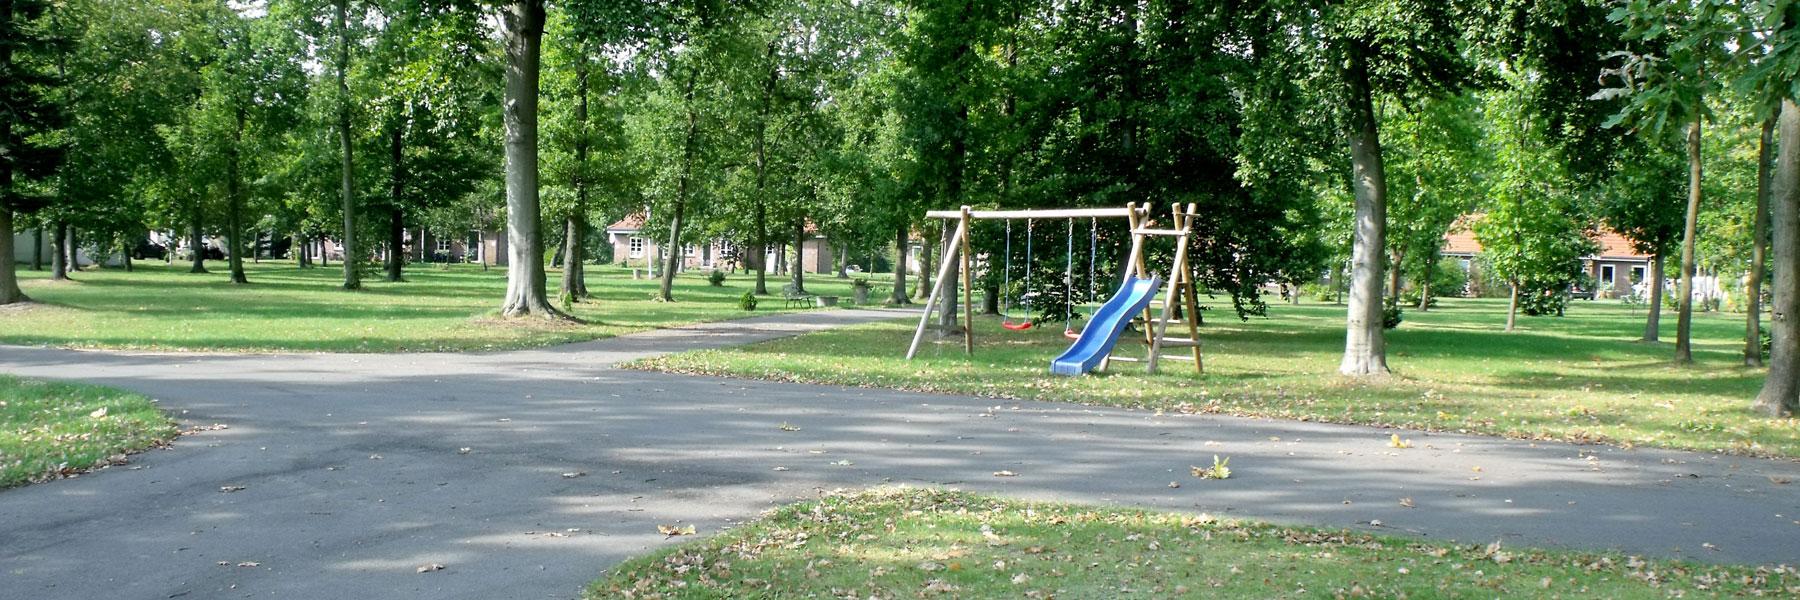 Park mit Spielplatz - Ferienhausvermietung Buchholz